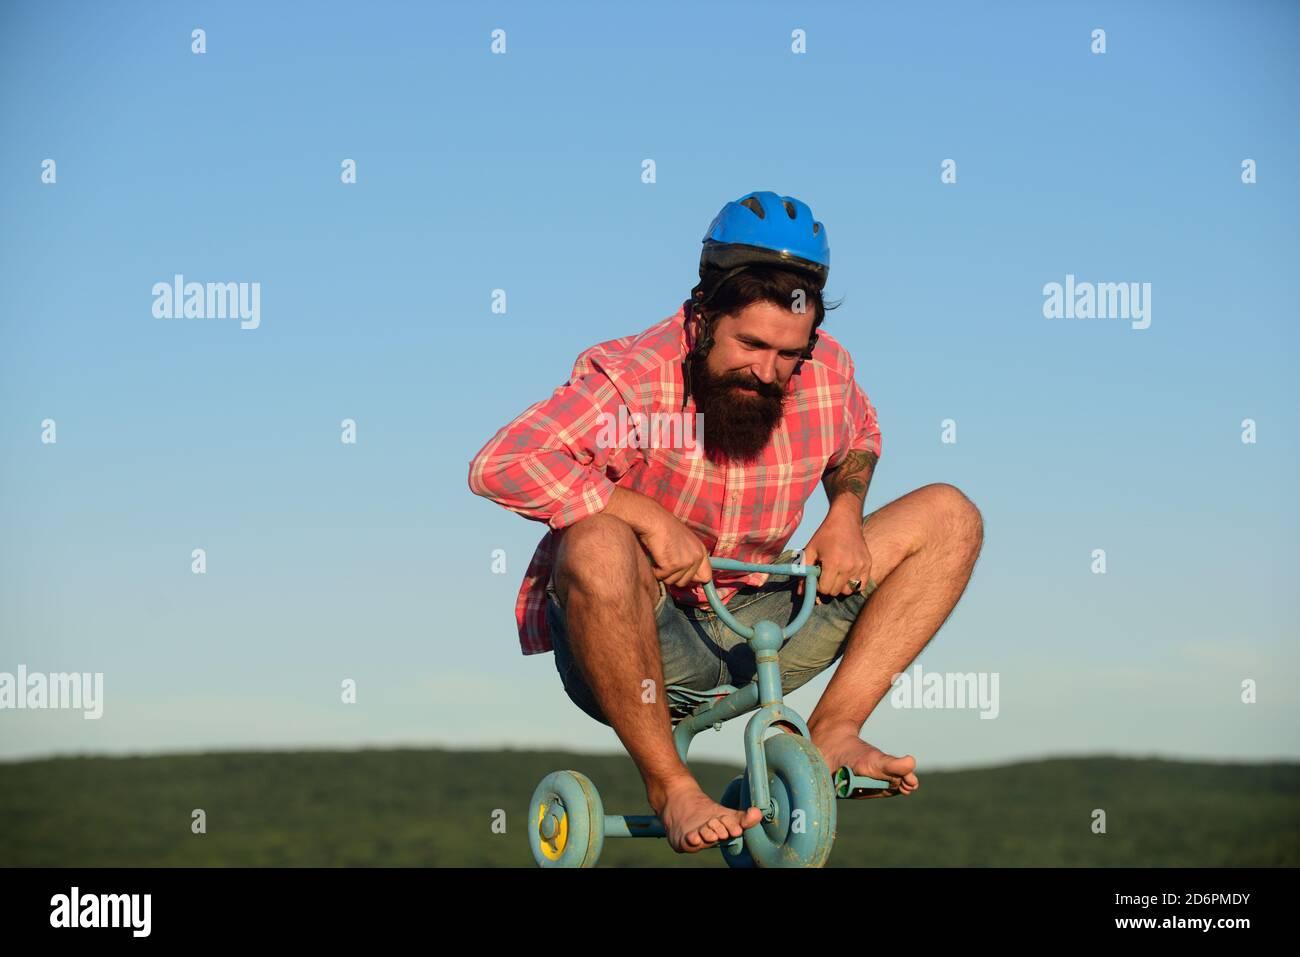 Drôle d'homme sur un vélo pour enfants. Vélo nerdy. Banque D'Images